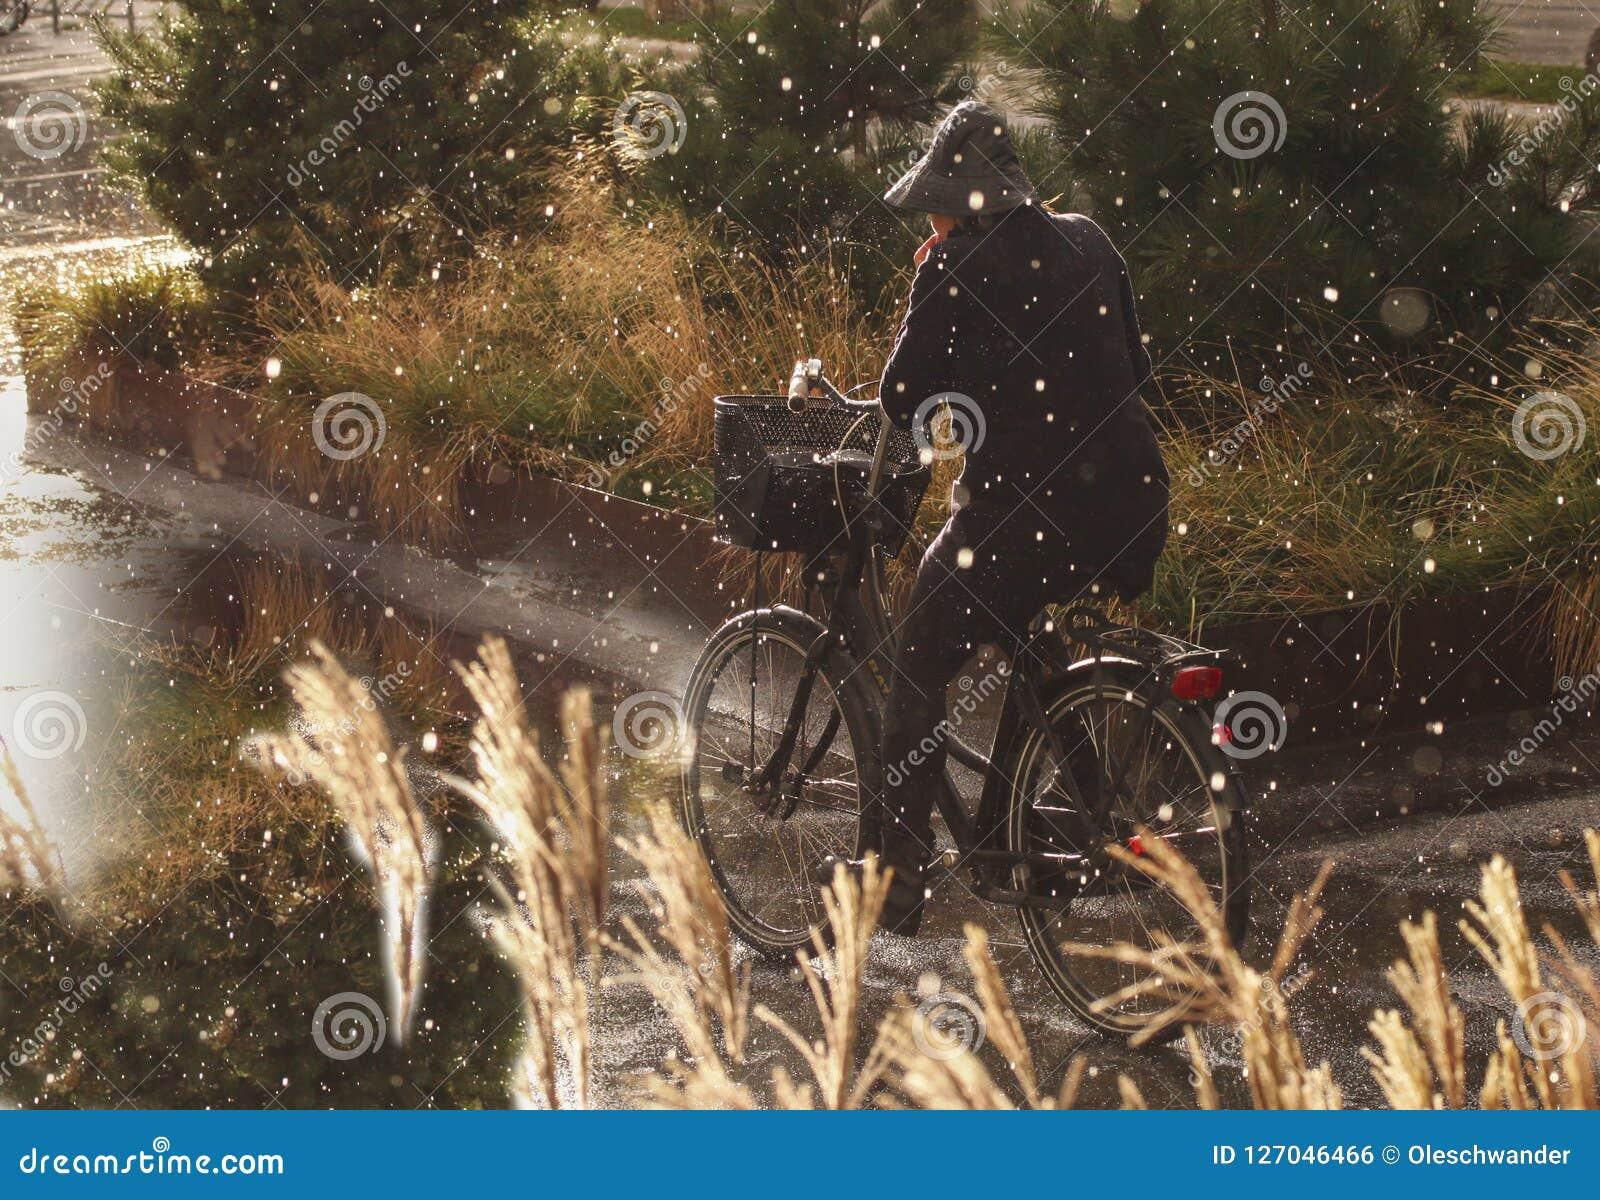 Die Frau, die in Regen mit Regenkleidung radfährt - regnen Sie das Tropfenfallen schwer